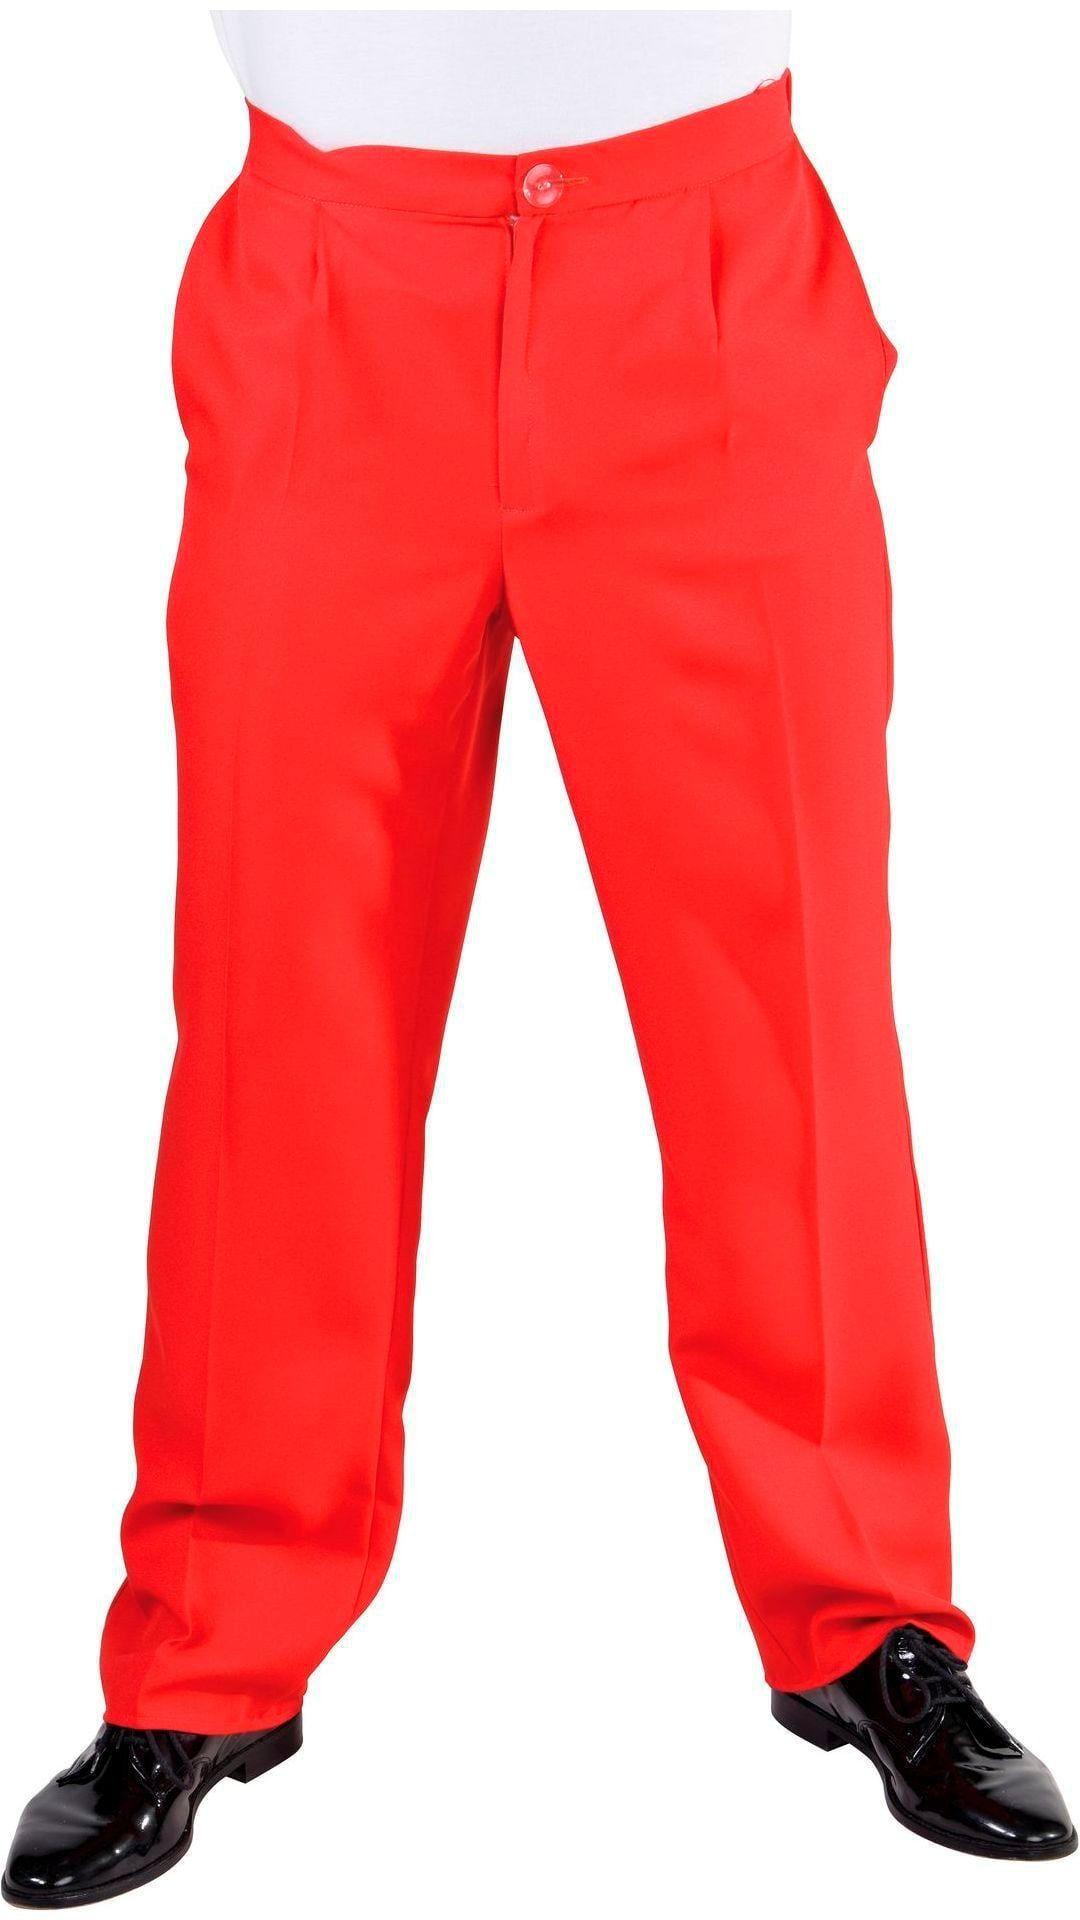 Nette rode broek heren